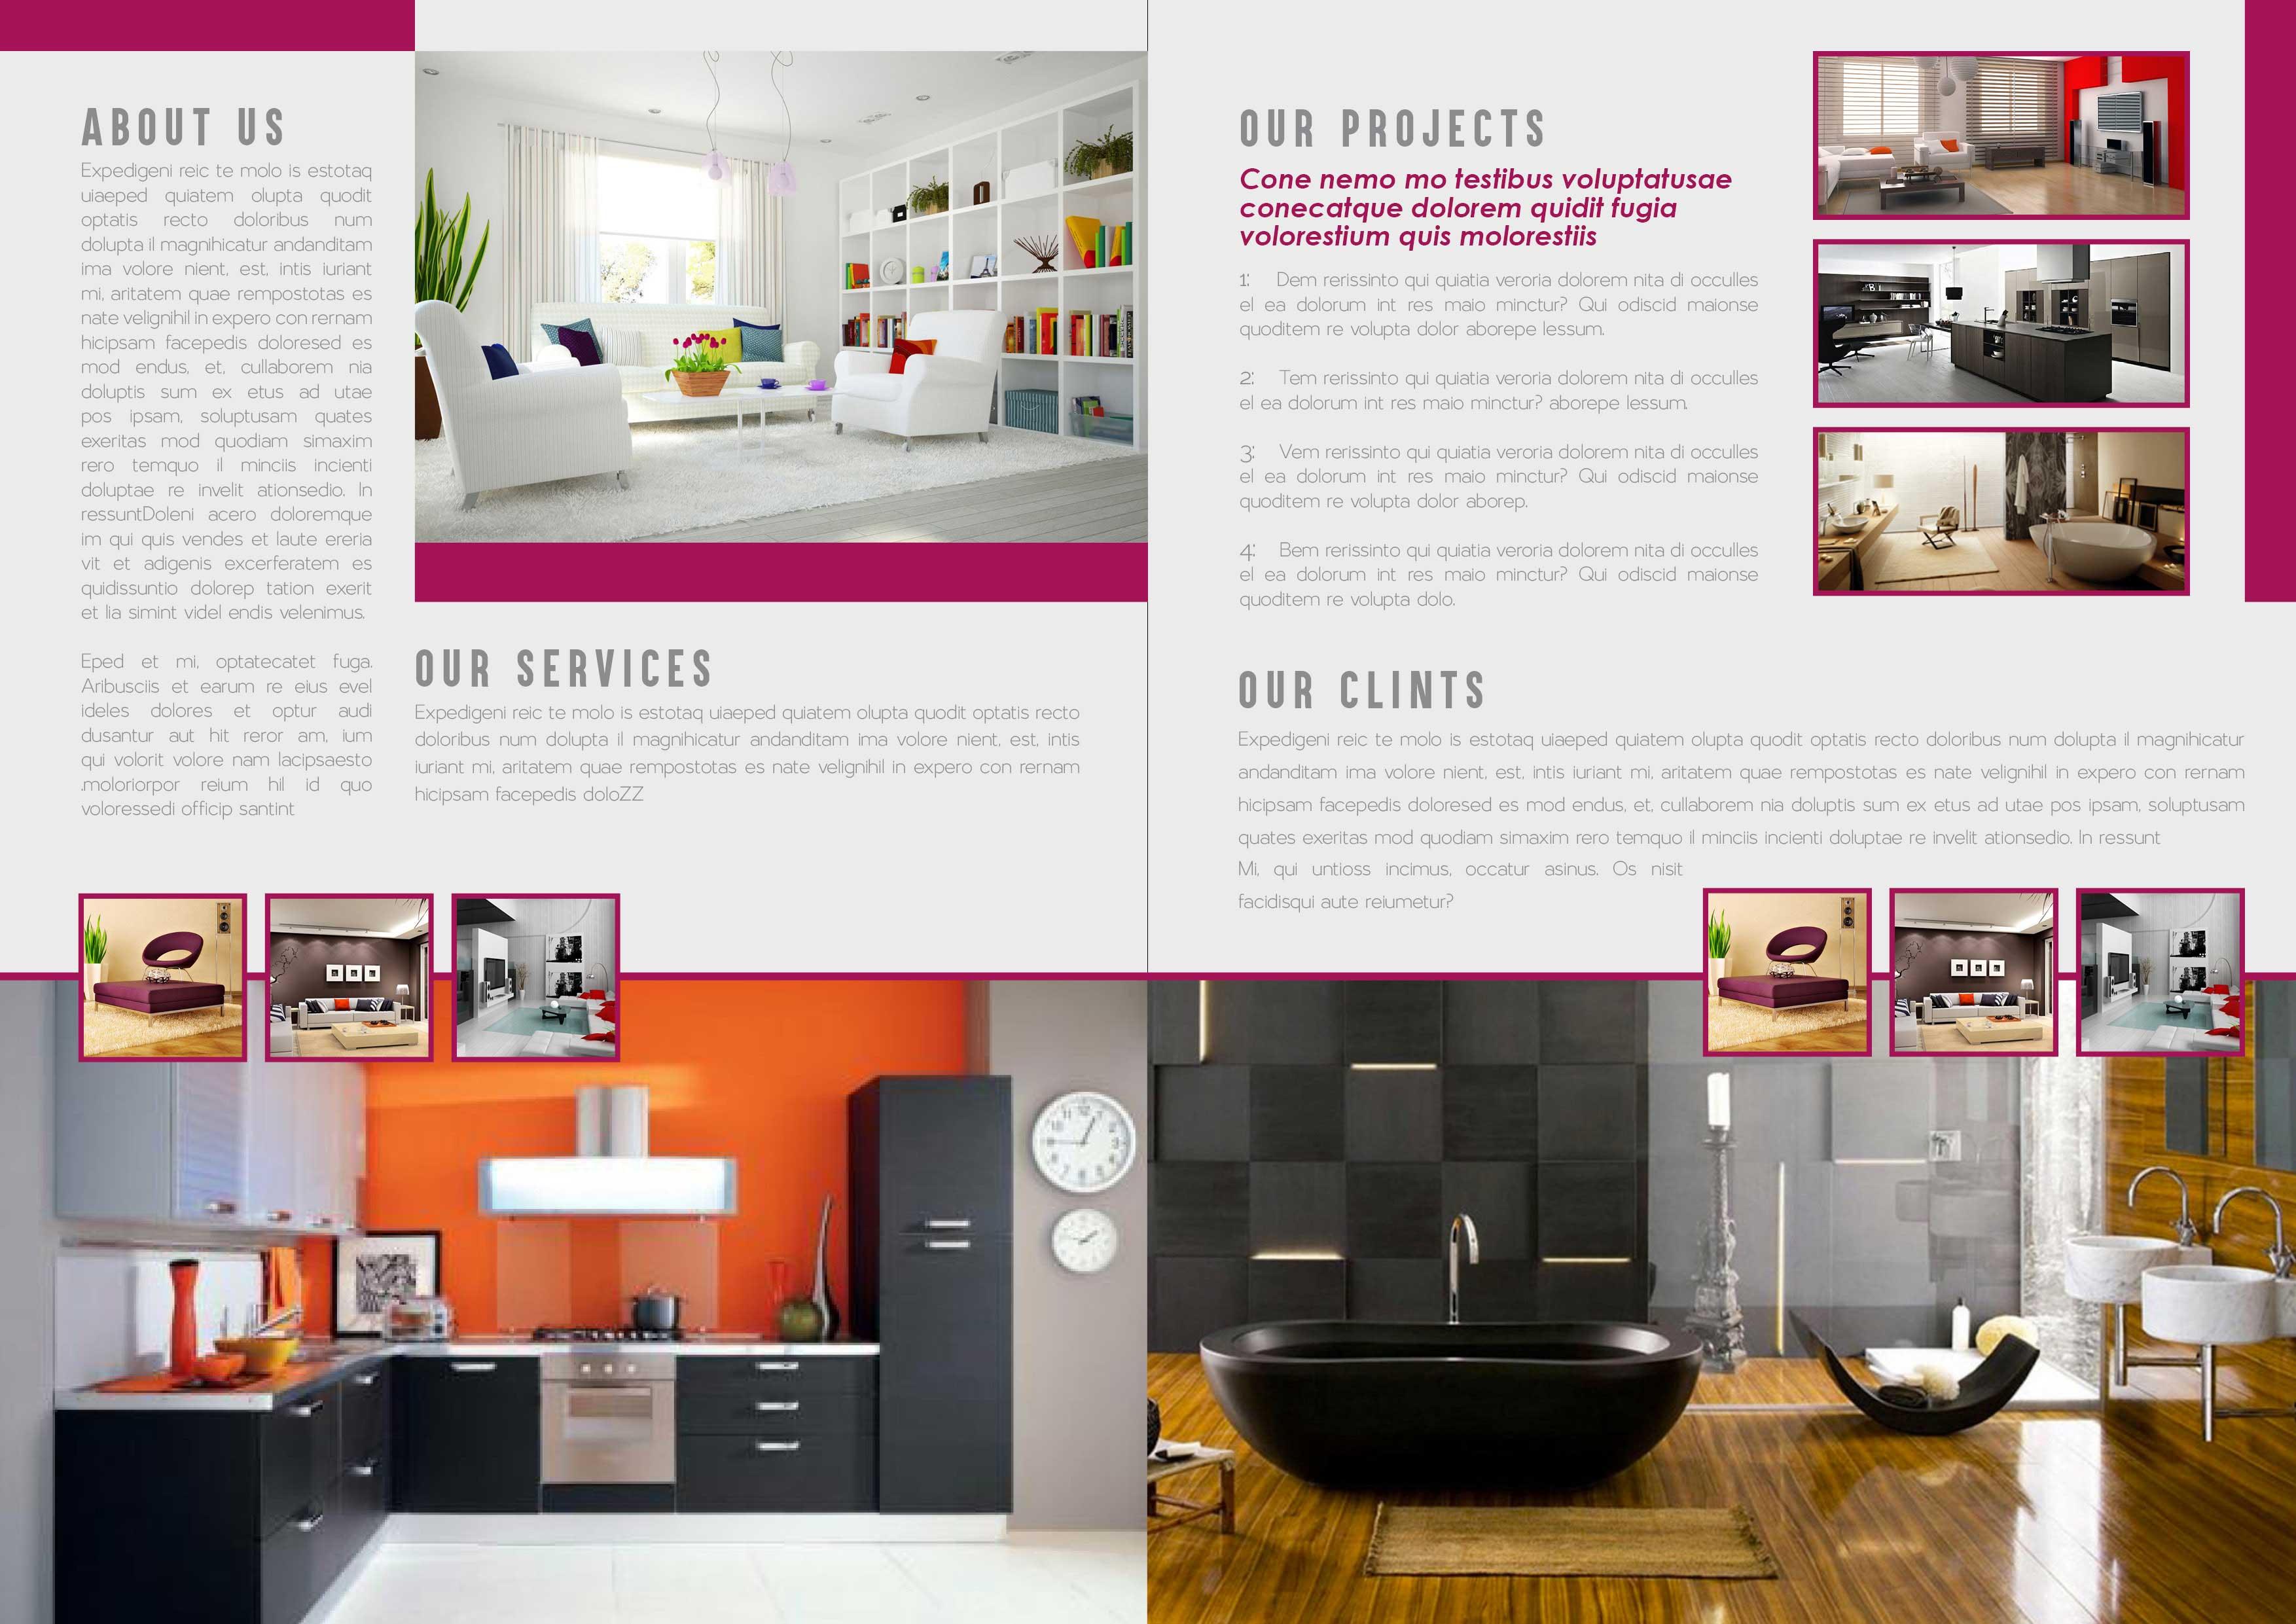 bi-fold-interior-brochure-design-template-4